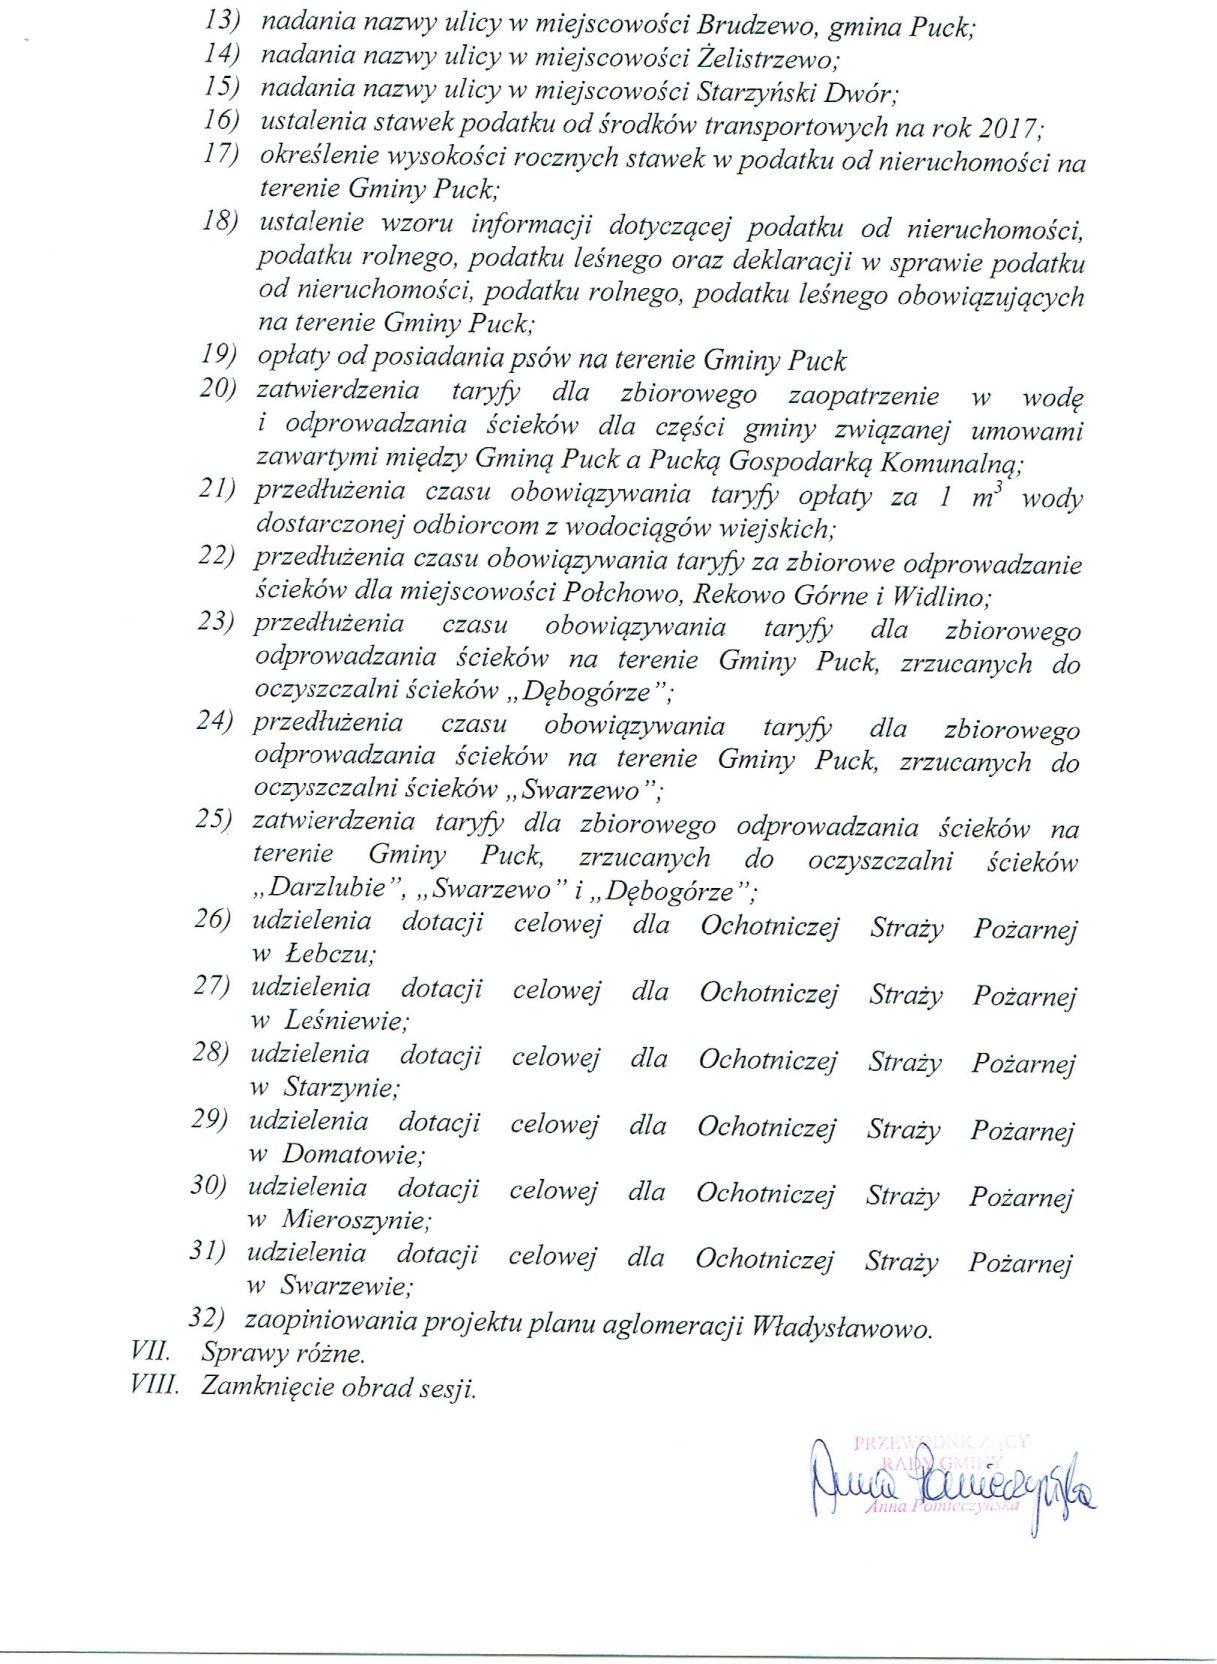 proponowany-porzadek-obrad-xxviii-sesji-rady-gminy-puck_02